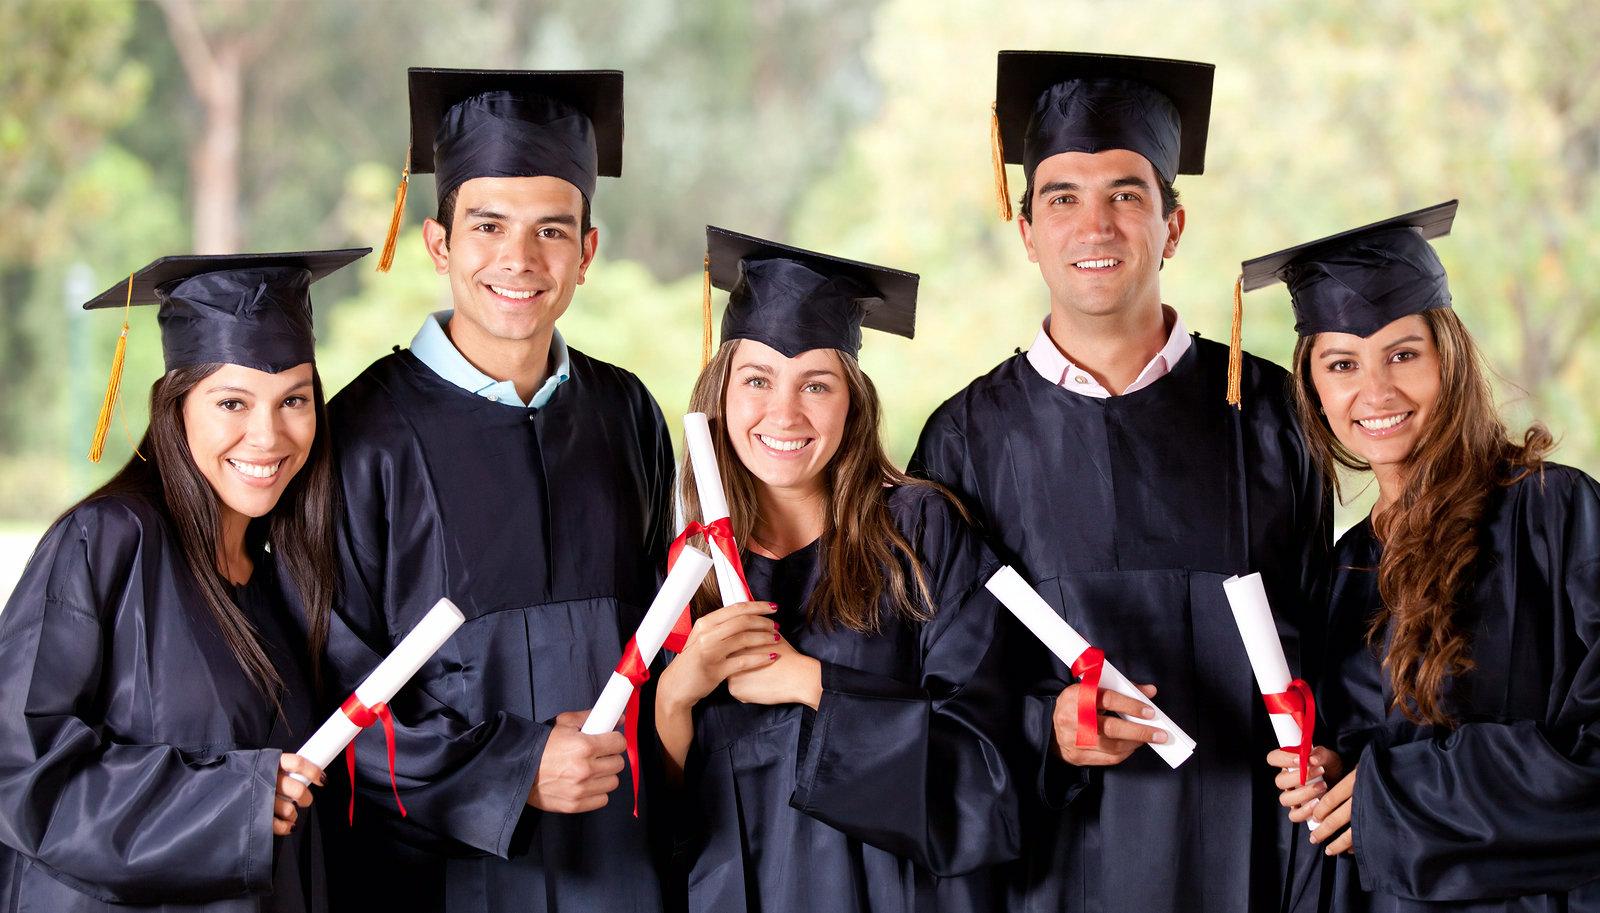 منتدى طلاب الدراسات العليا، والبحث العلمي